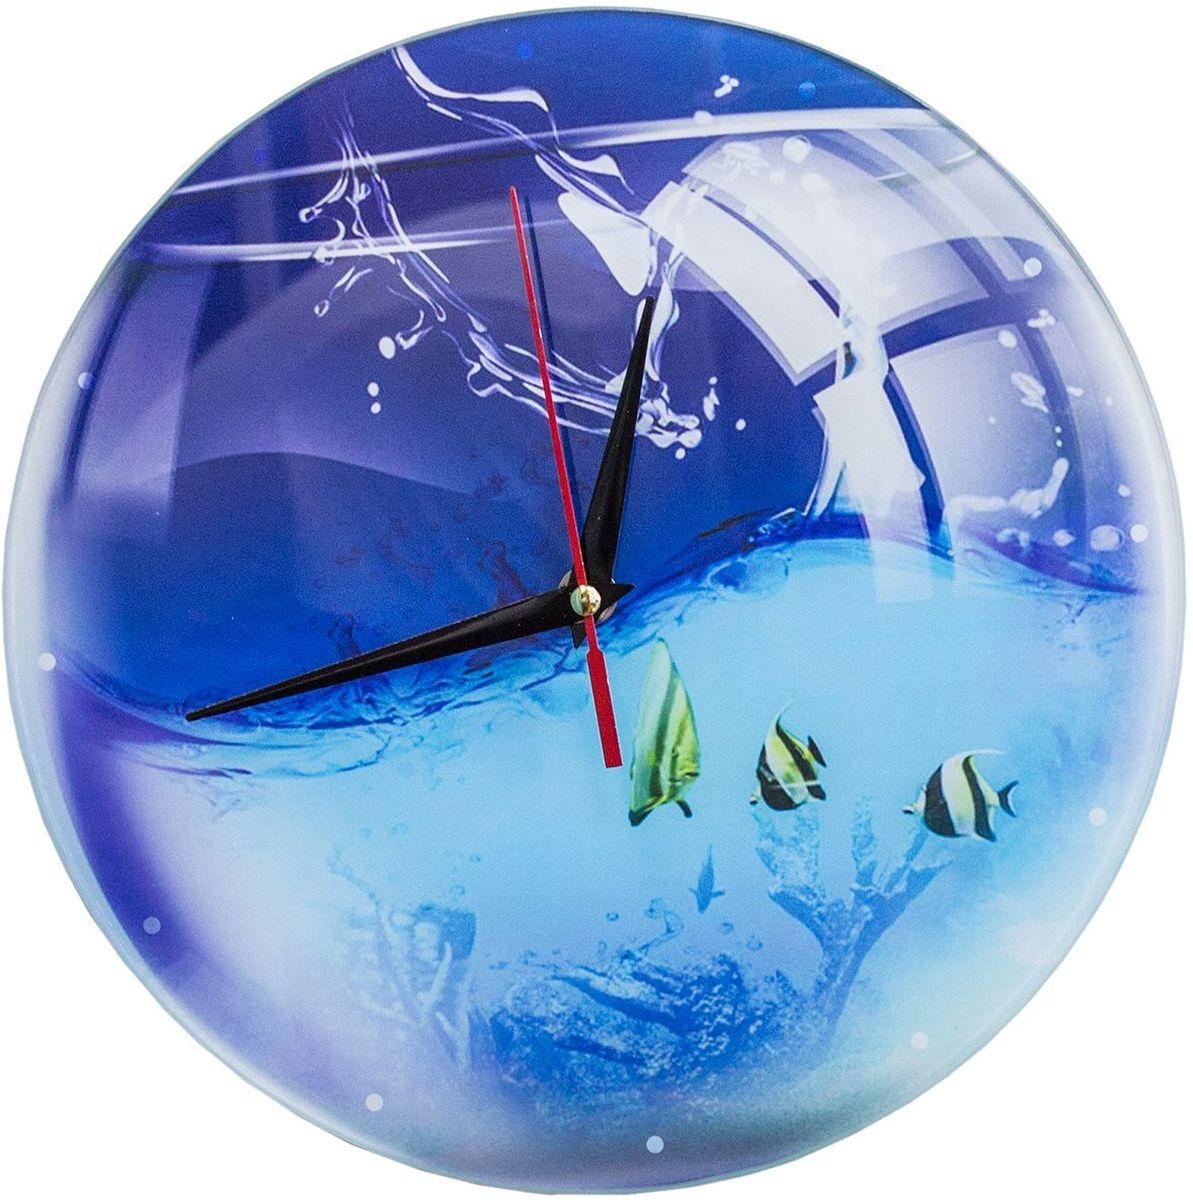 Часы настенные Эврика Аквариум, стеклянные, 30 х 30 х 4 см98107Часы настенные стеклянные с механизмом бесшумного хода (не тикают) в белой картонной коробке. Размеры упаковки: 30 х 30 х 4 см. Элемент питания: 1хАА (1,5В).